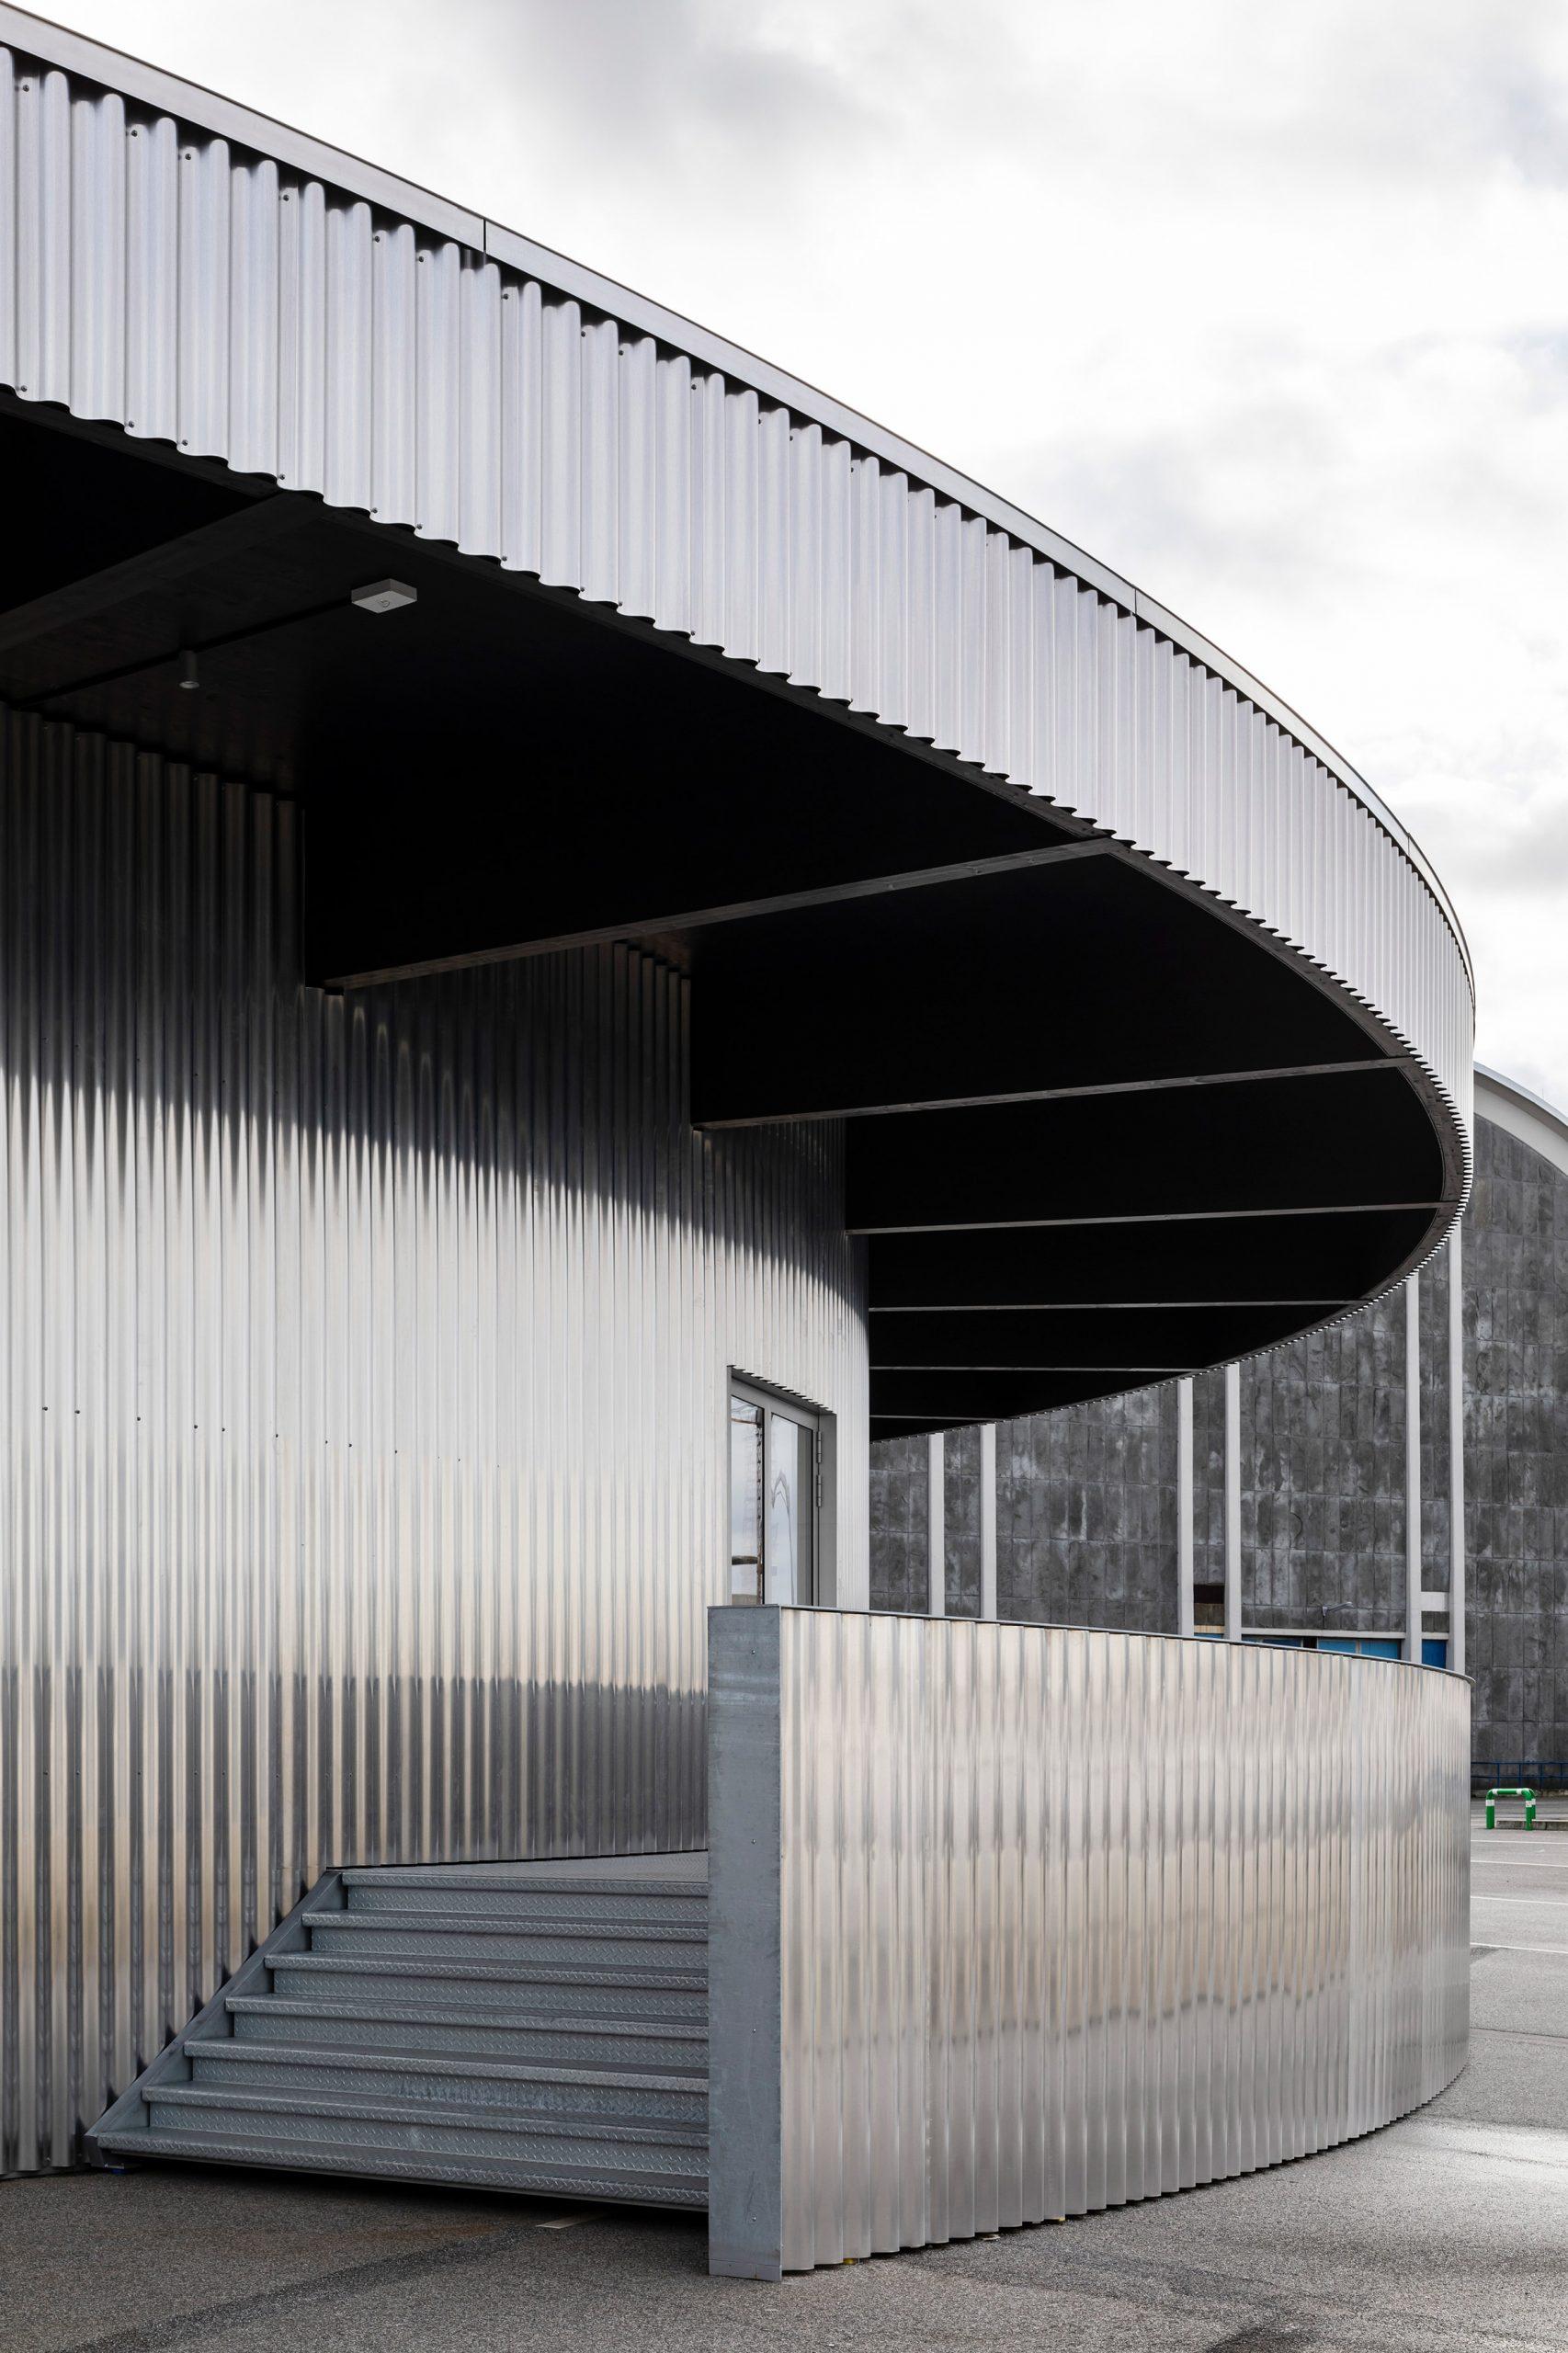 Corrugated aluminium-clad pavilion